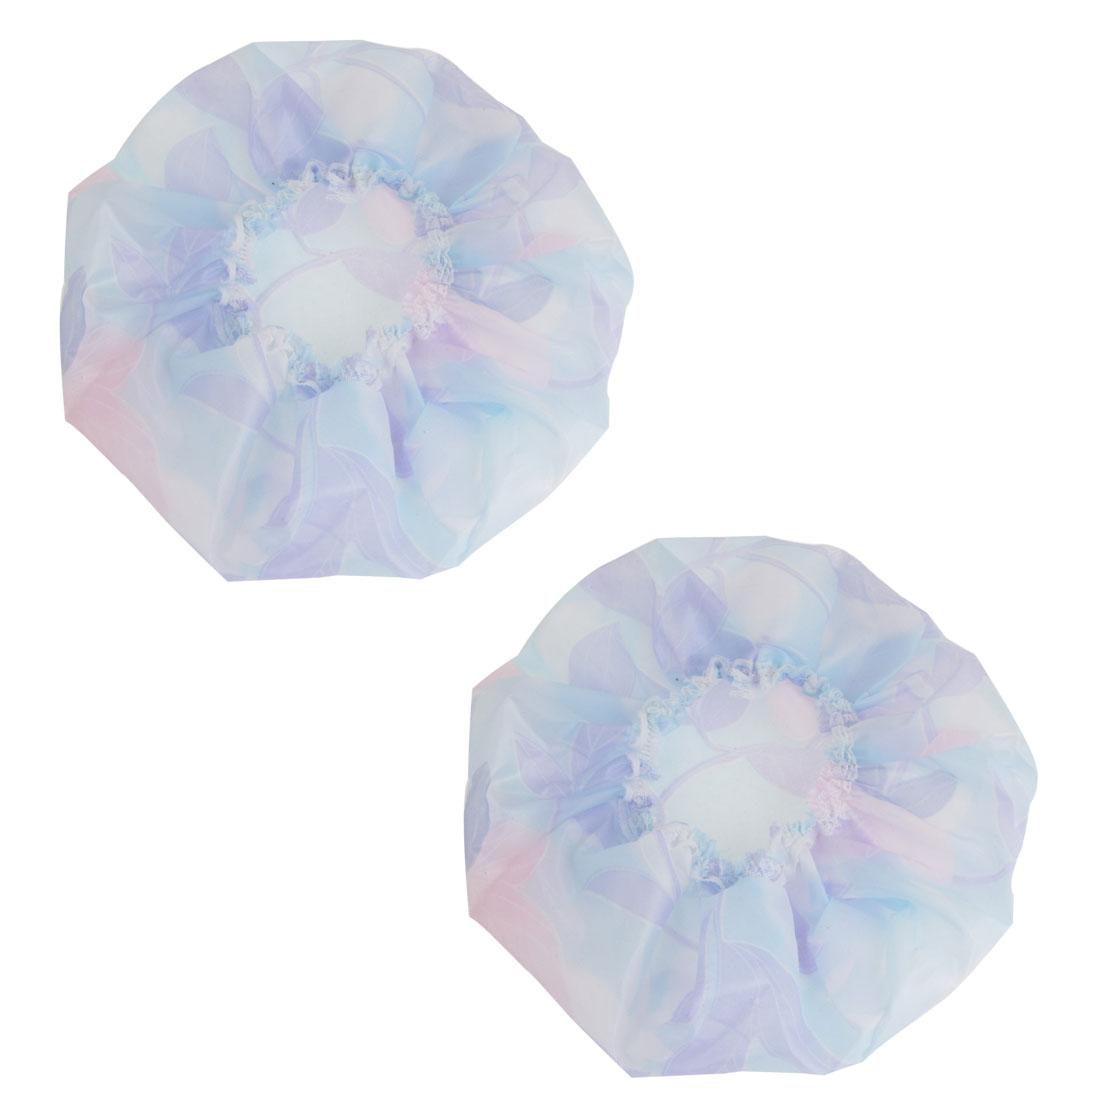 Woman Pale Blue Flower Pattern Water Resistant Lace Decor Shower Cap 2 Pcs